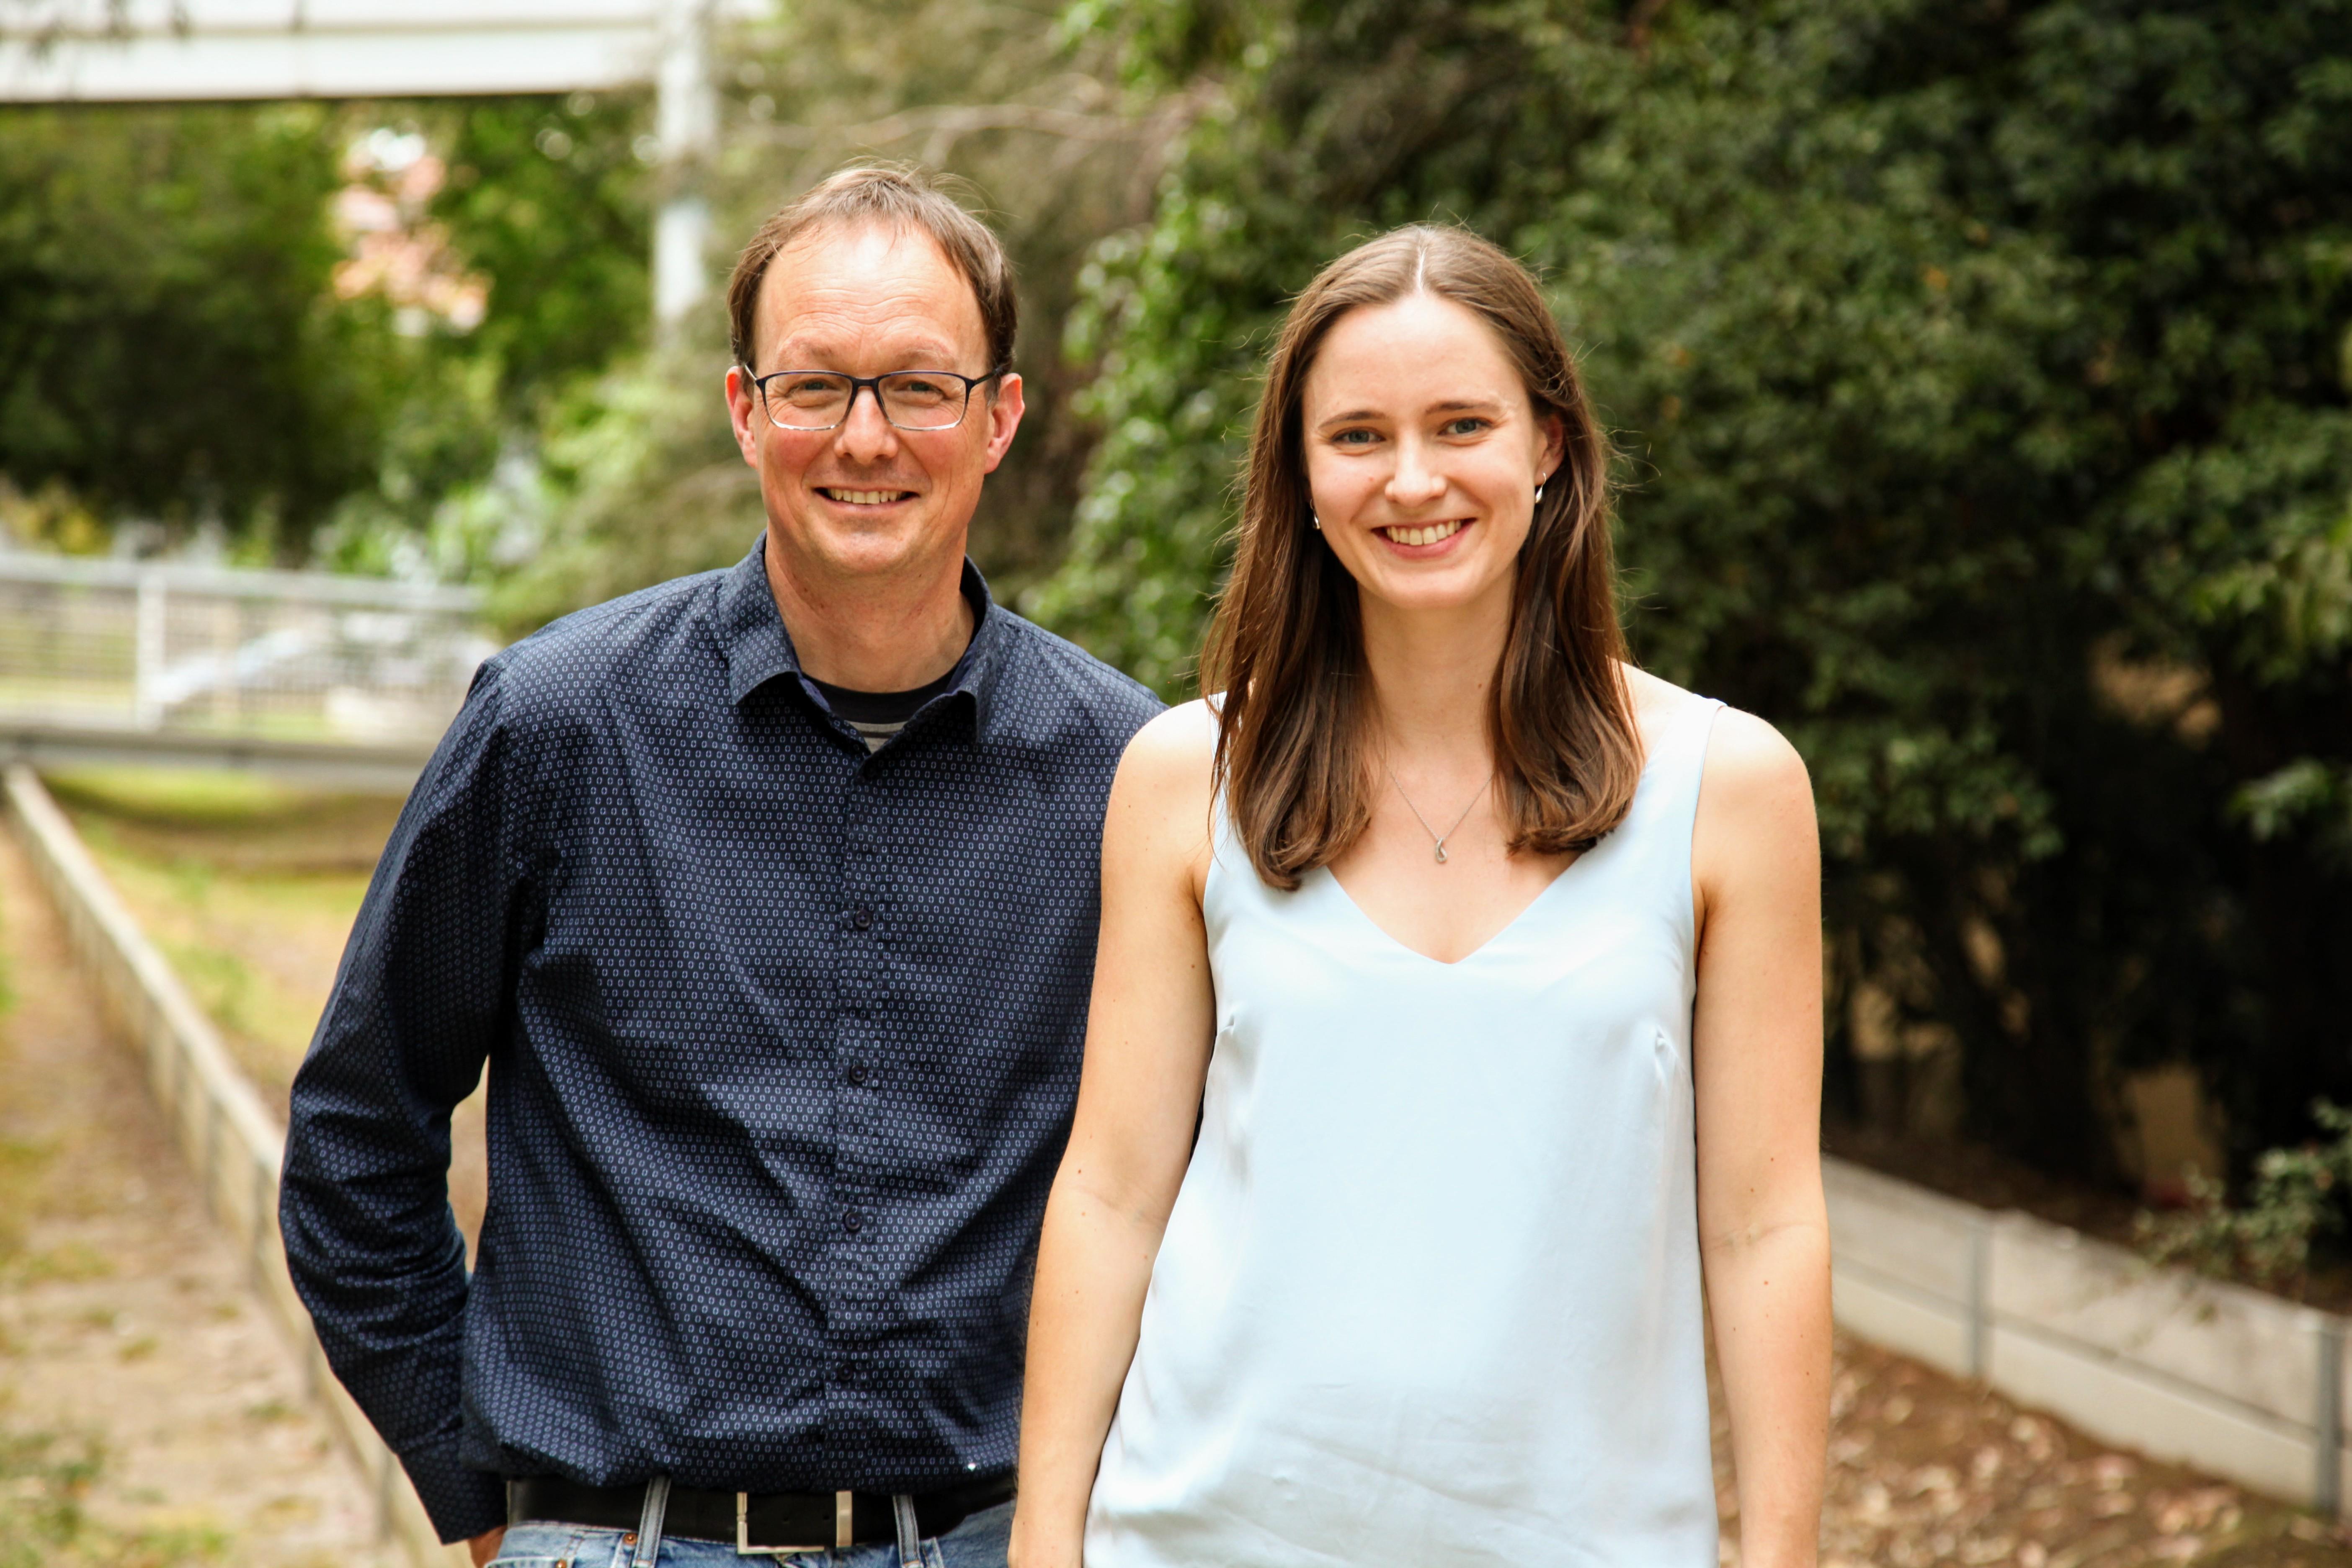 Dr Patrick Western and Dr Jessica Stringer